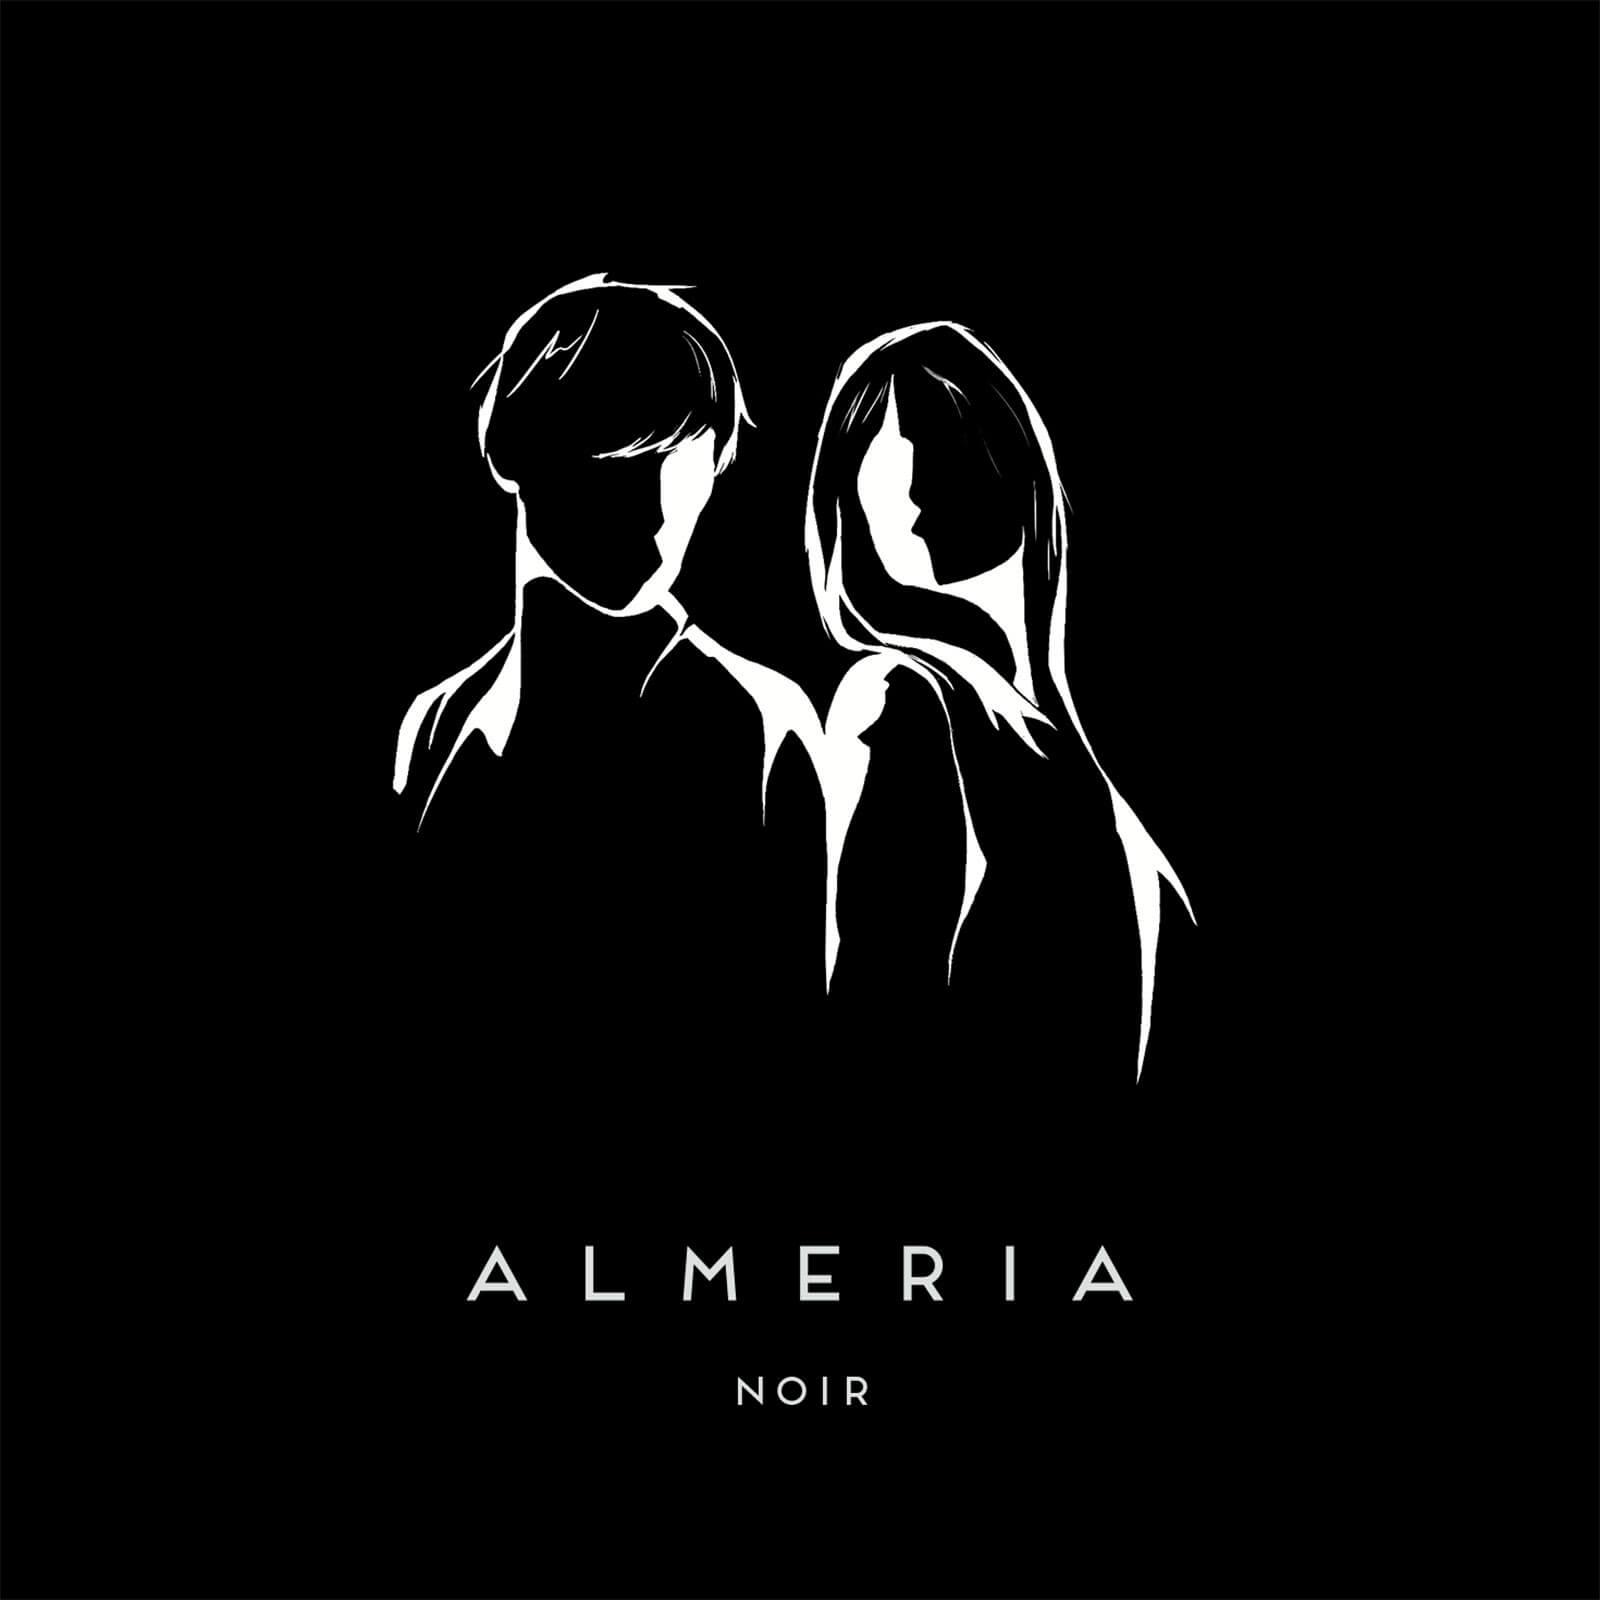 Almeria Noir